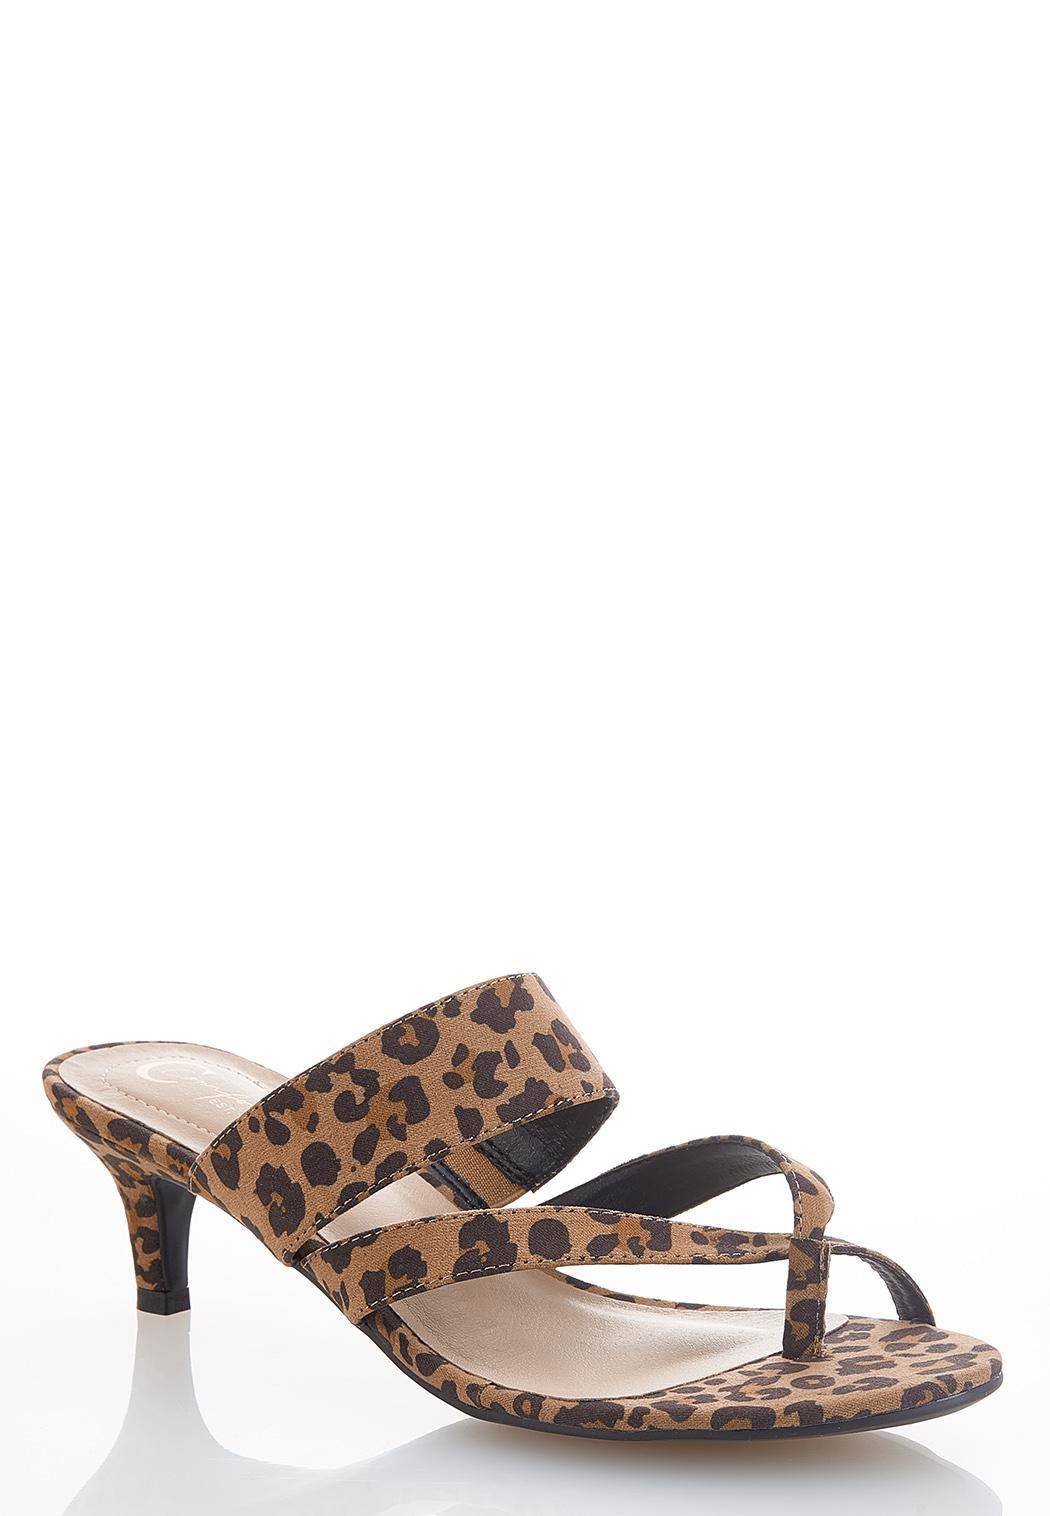 Leopard Low Heel Sandals